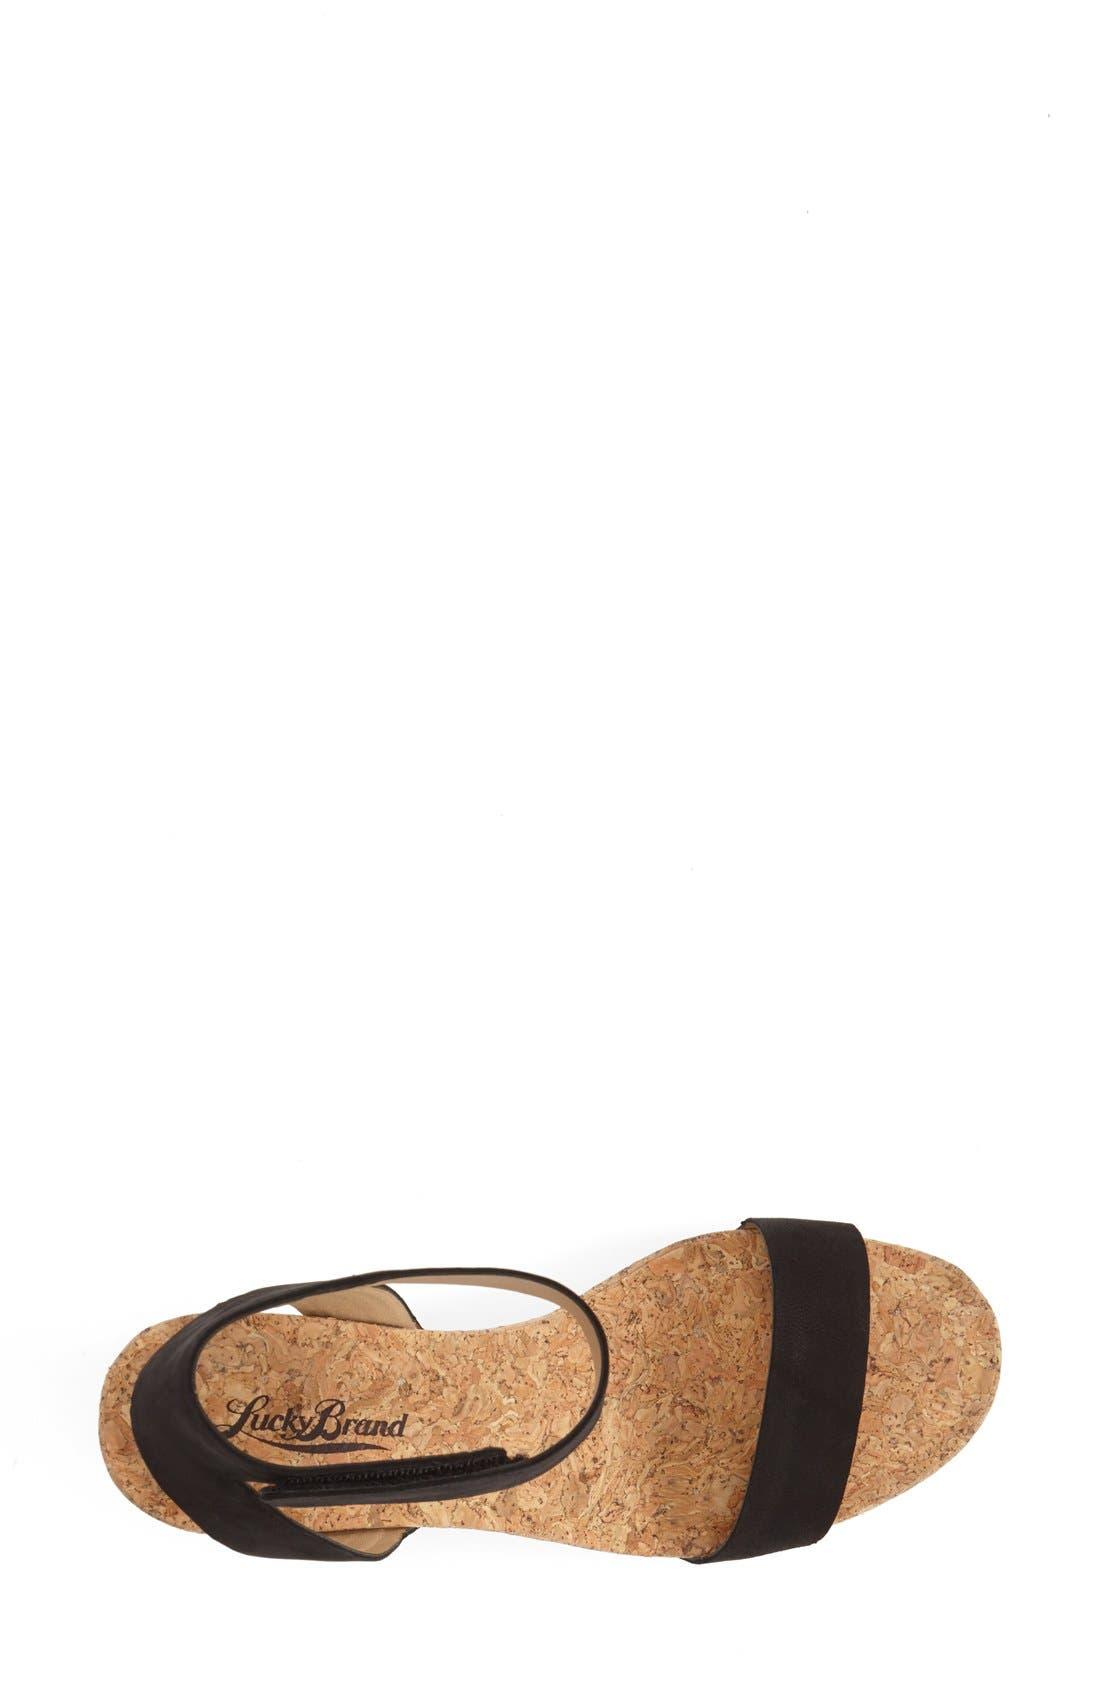 Alternate Image 3  - Lucky Brand 'McDowell' Wedge Sandal (Women)